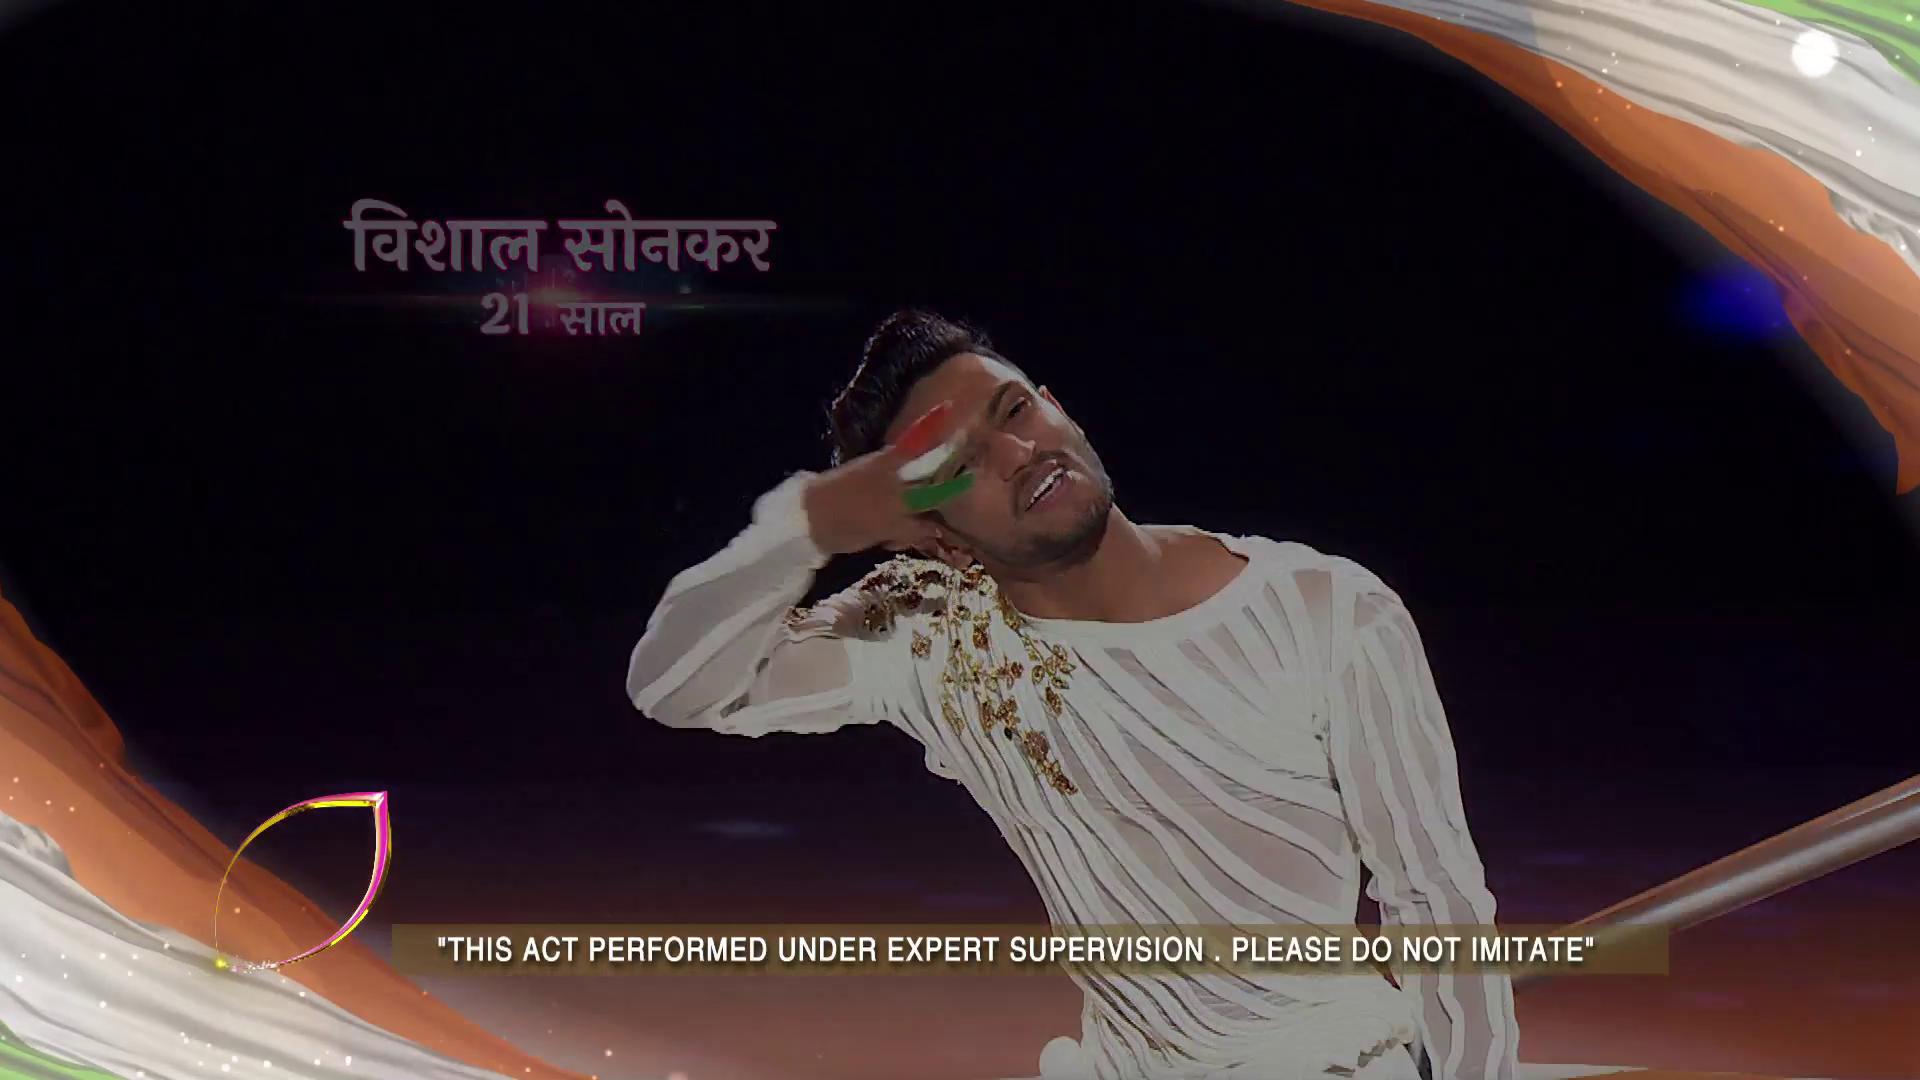 Dekhiye Vishal ka yeh rongte khade kar dene wala performance, Dekhiye Dance Deewane 2.